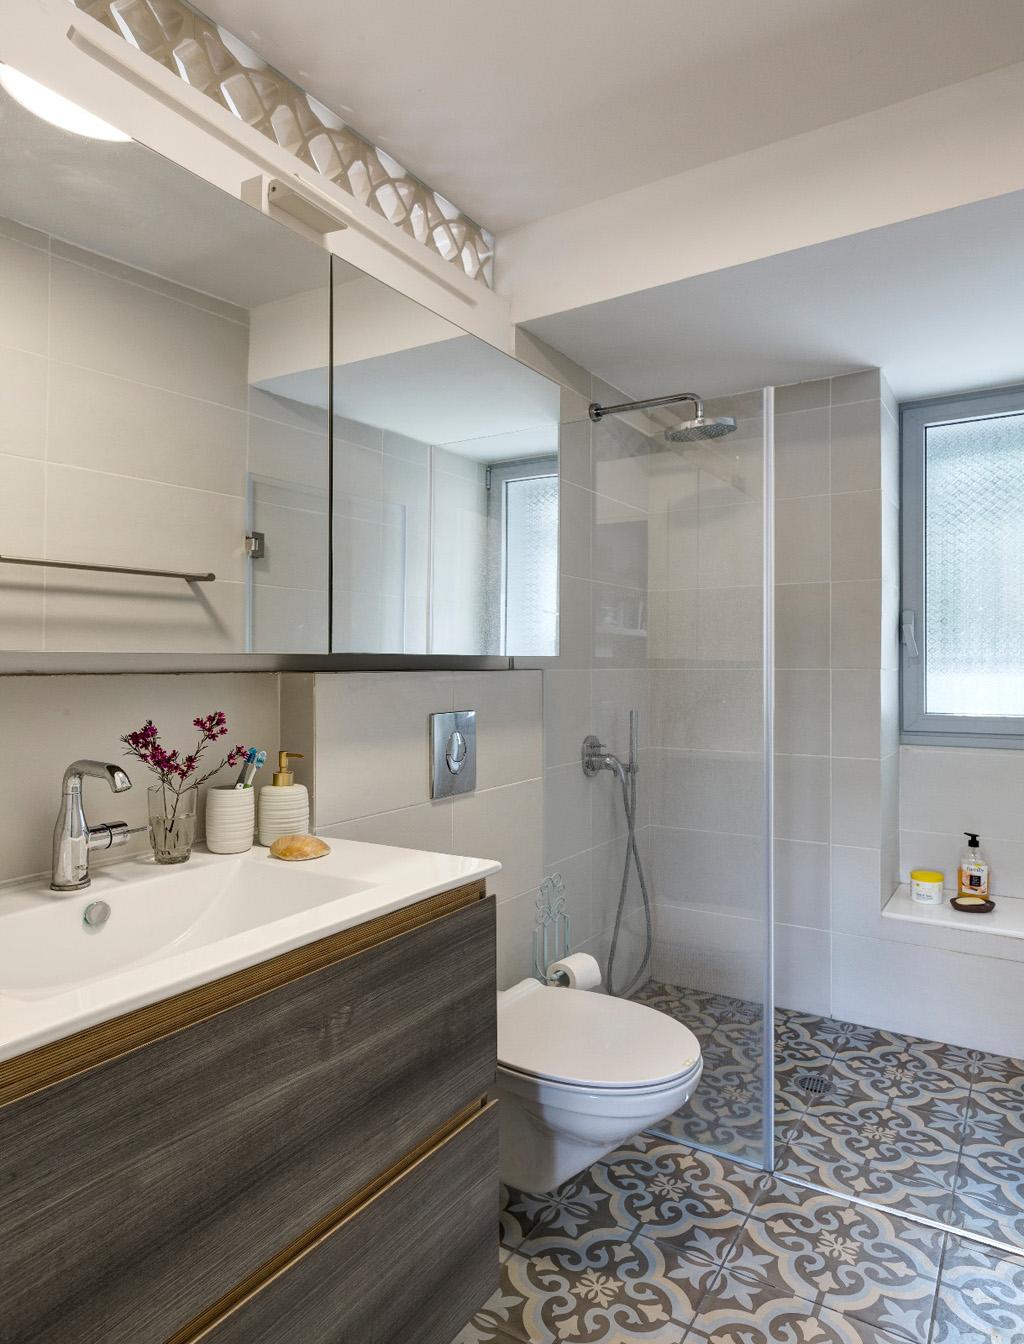 חדר רחצה מקלחת הורים